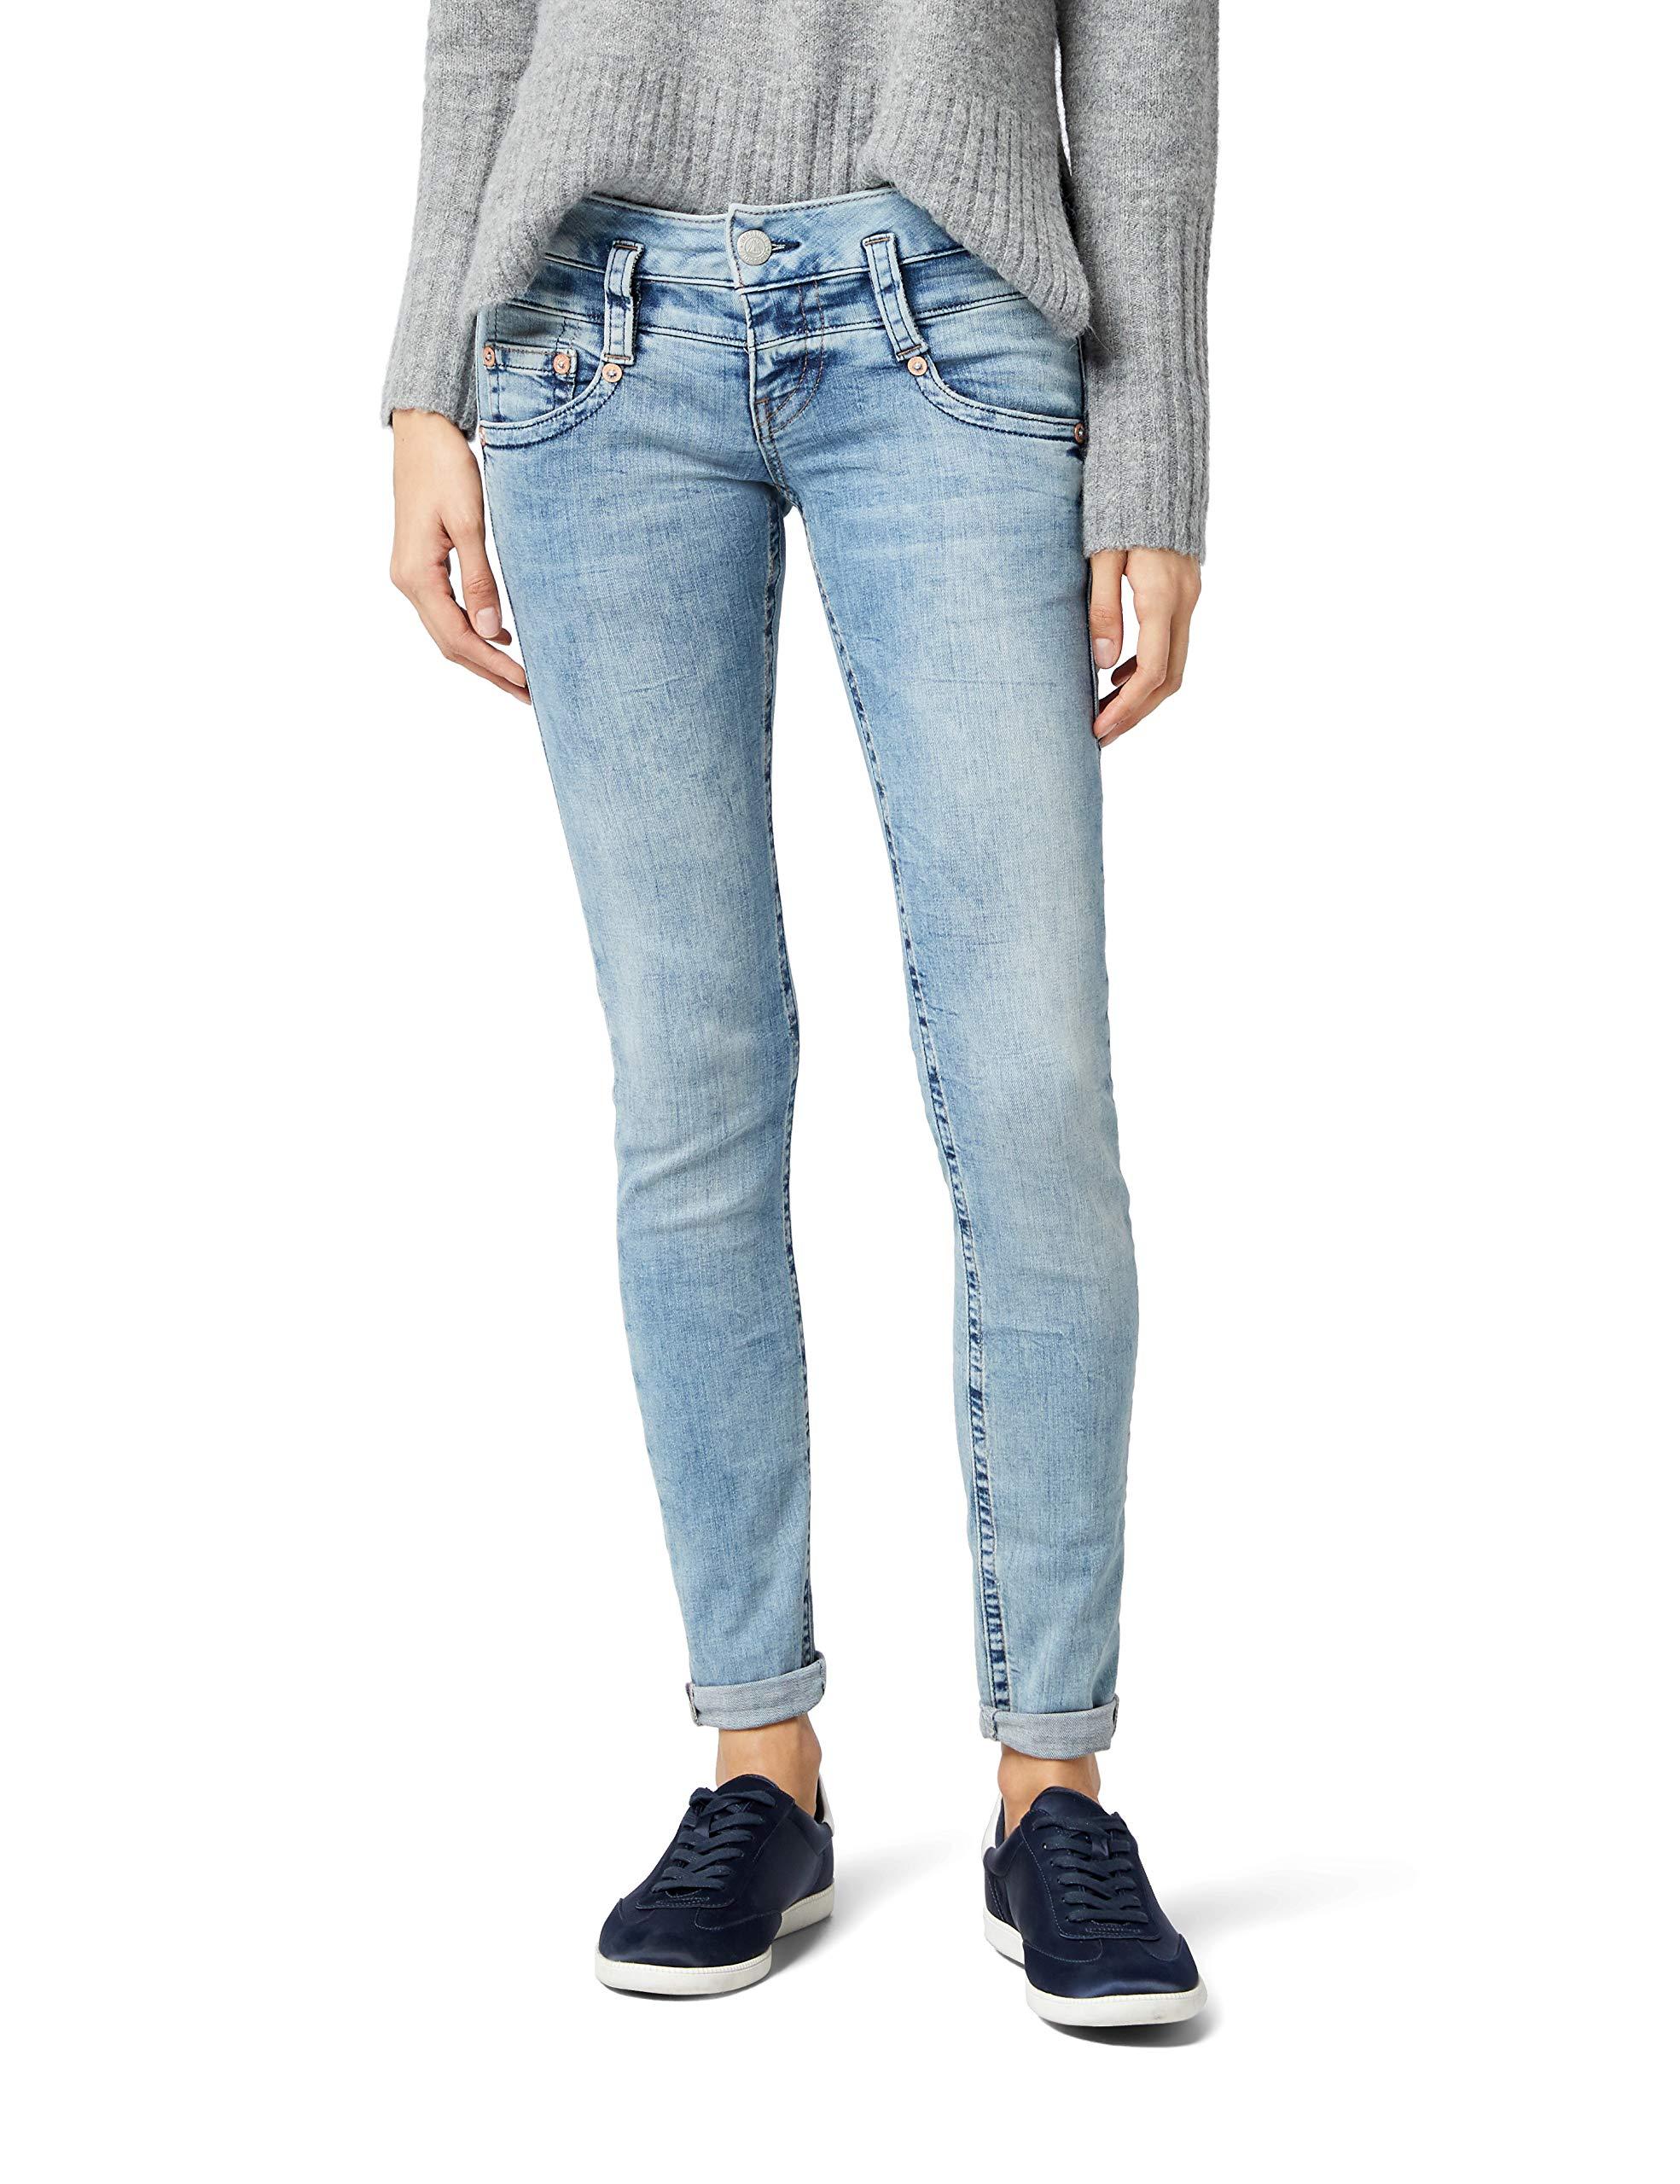 Pitch Herrlicher FemmeBlaucrease 04229 SlimJean W 32 L MUqjLzVSpG